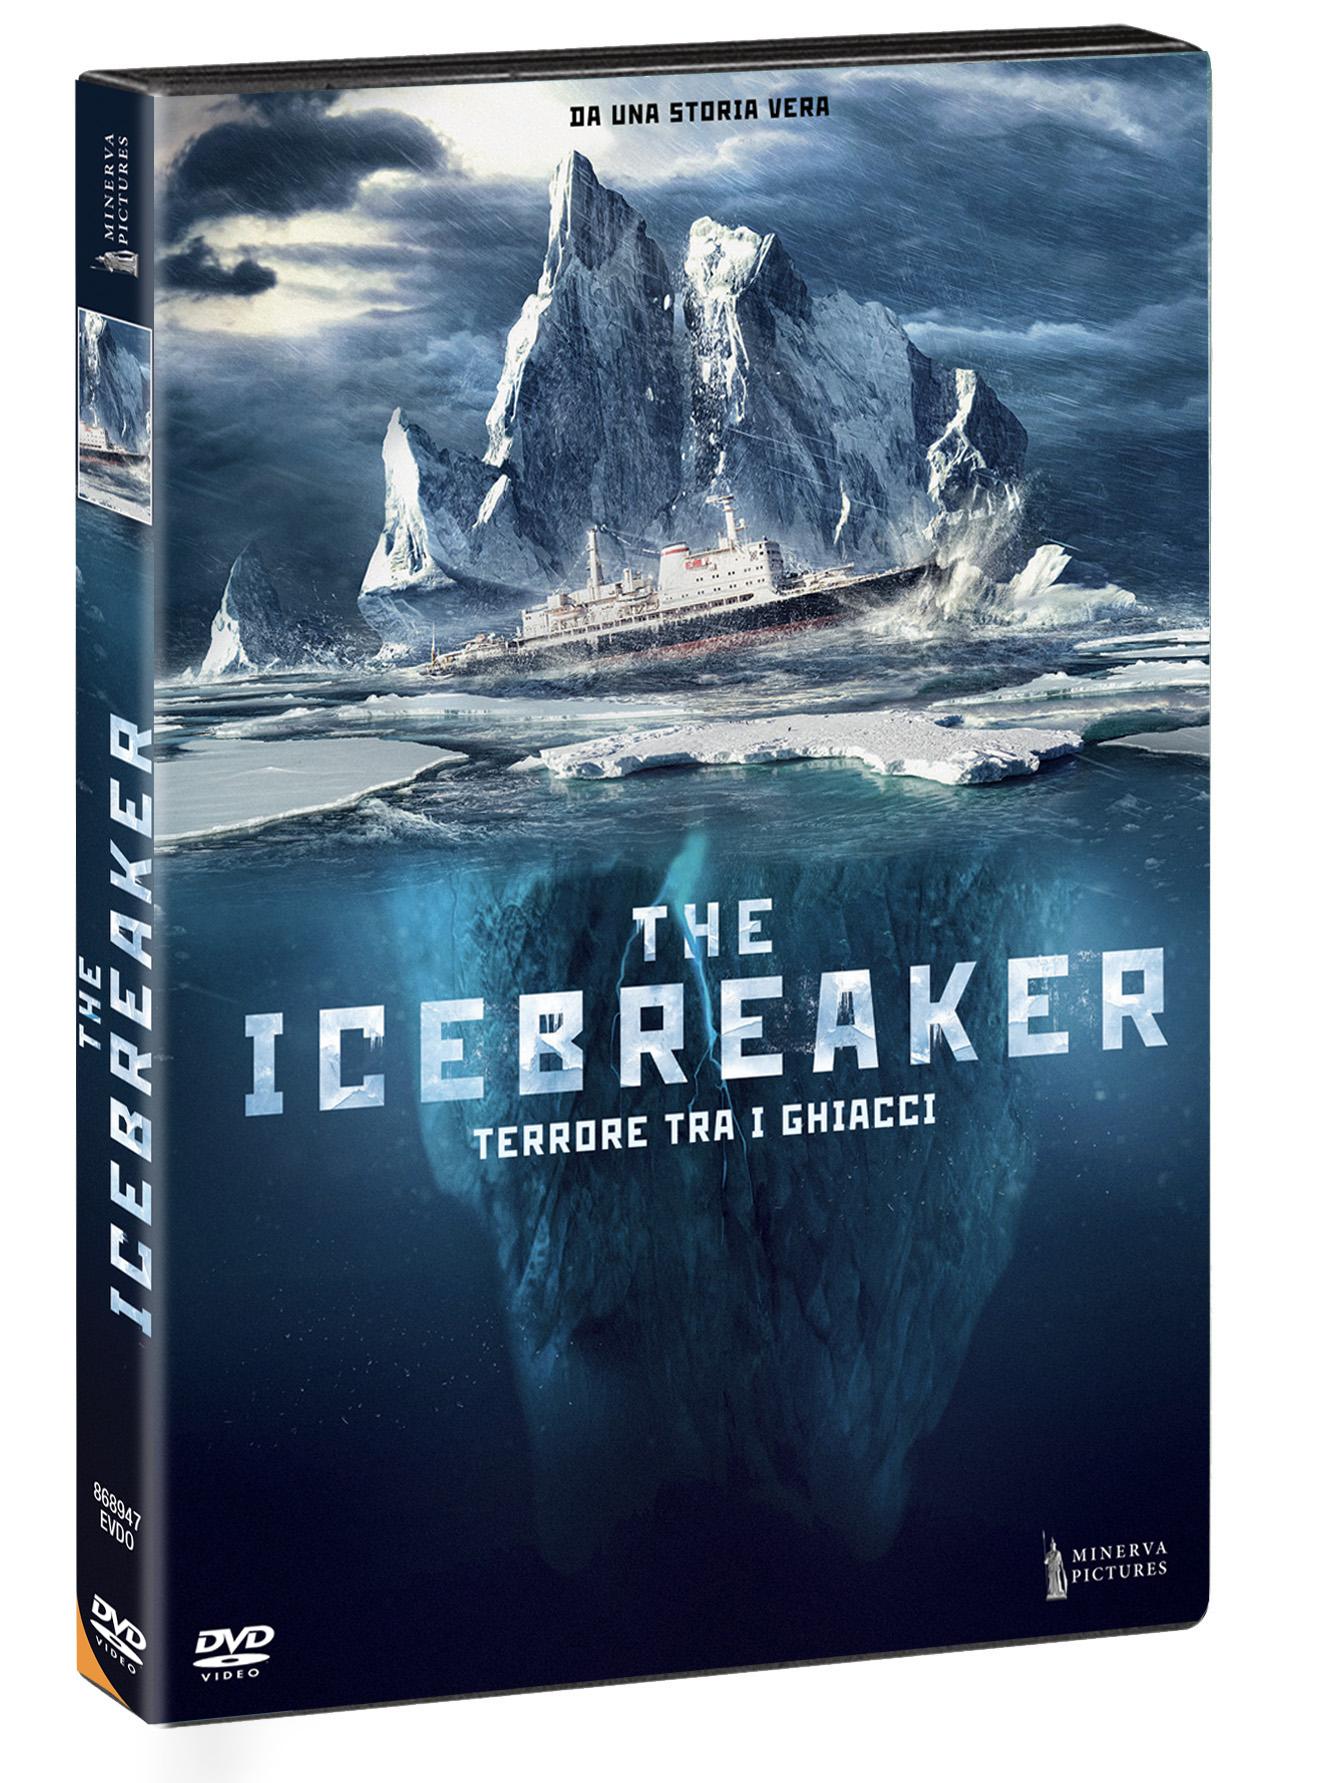 THE ICE BREAKER - TERRORE TRA I GHIACCHI (DVD)